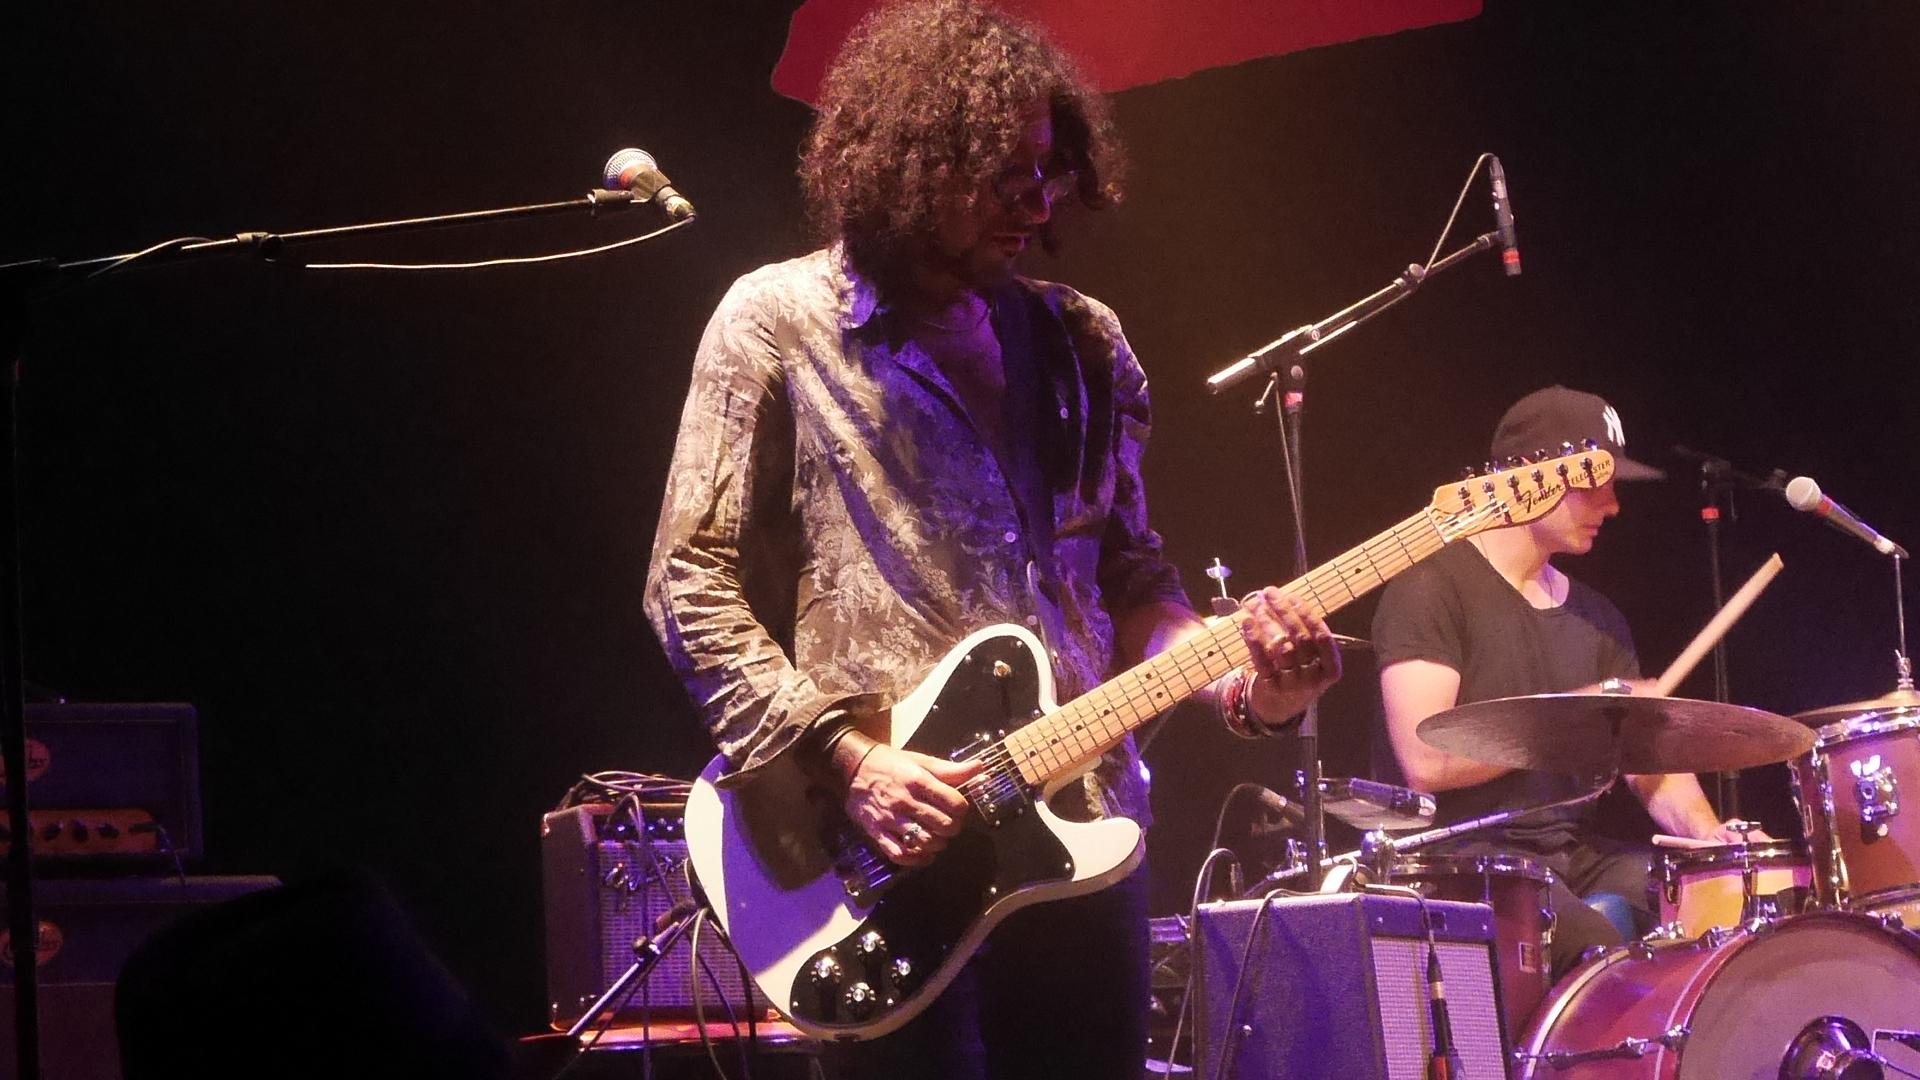 Ej@mslive a fêté la guitare et les cordes…